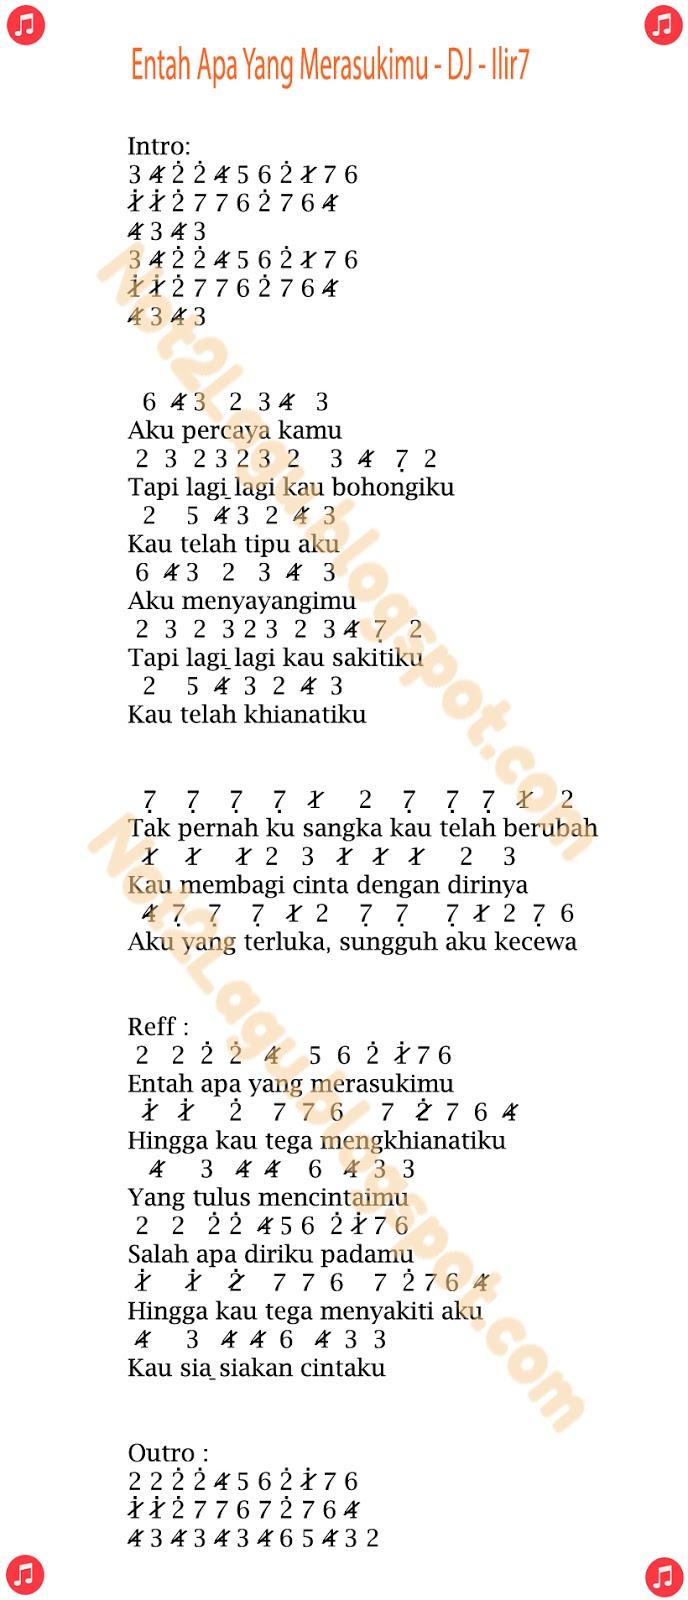 Not Angka Pianika Entah Apa Yang Merasukimu - DJ - Ilir7